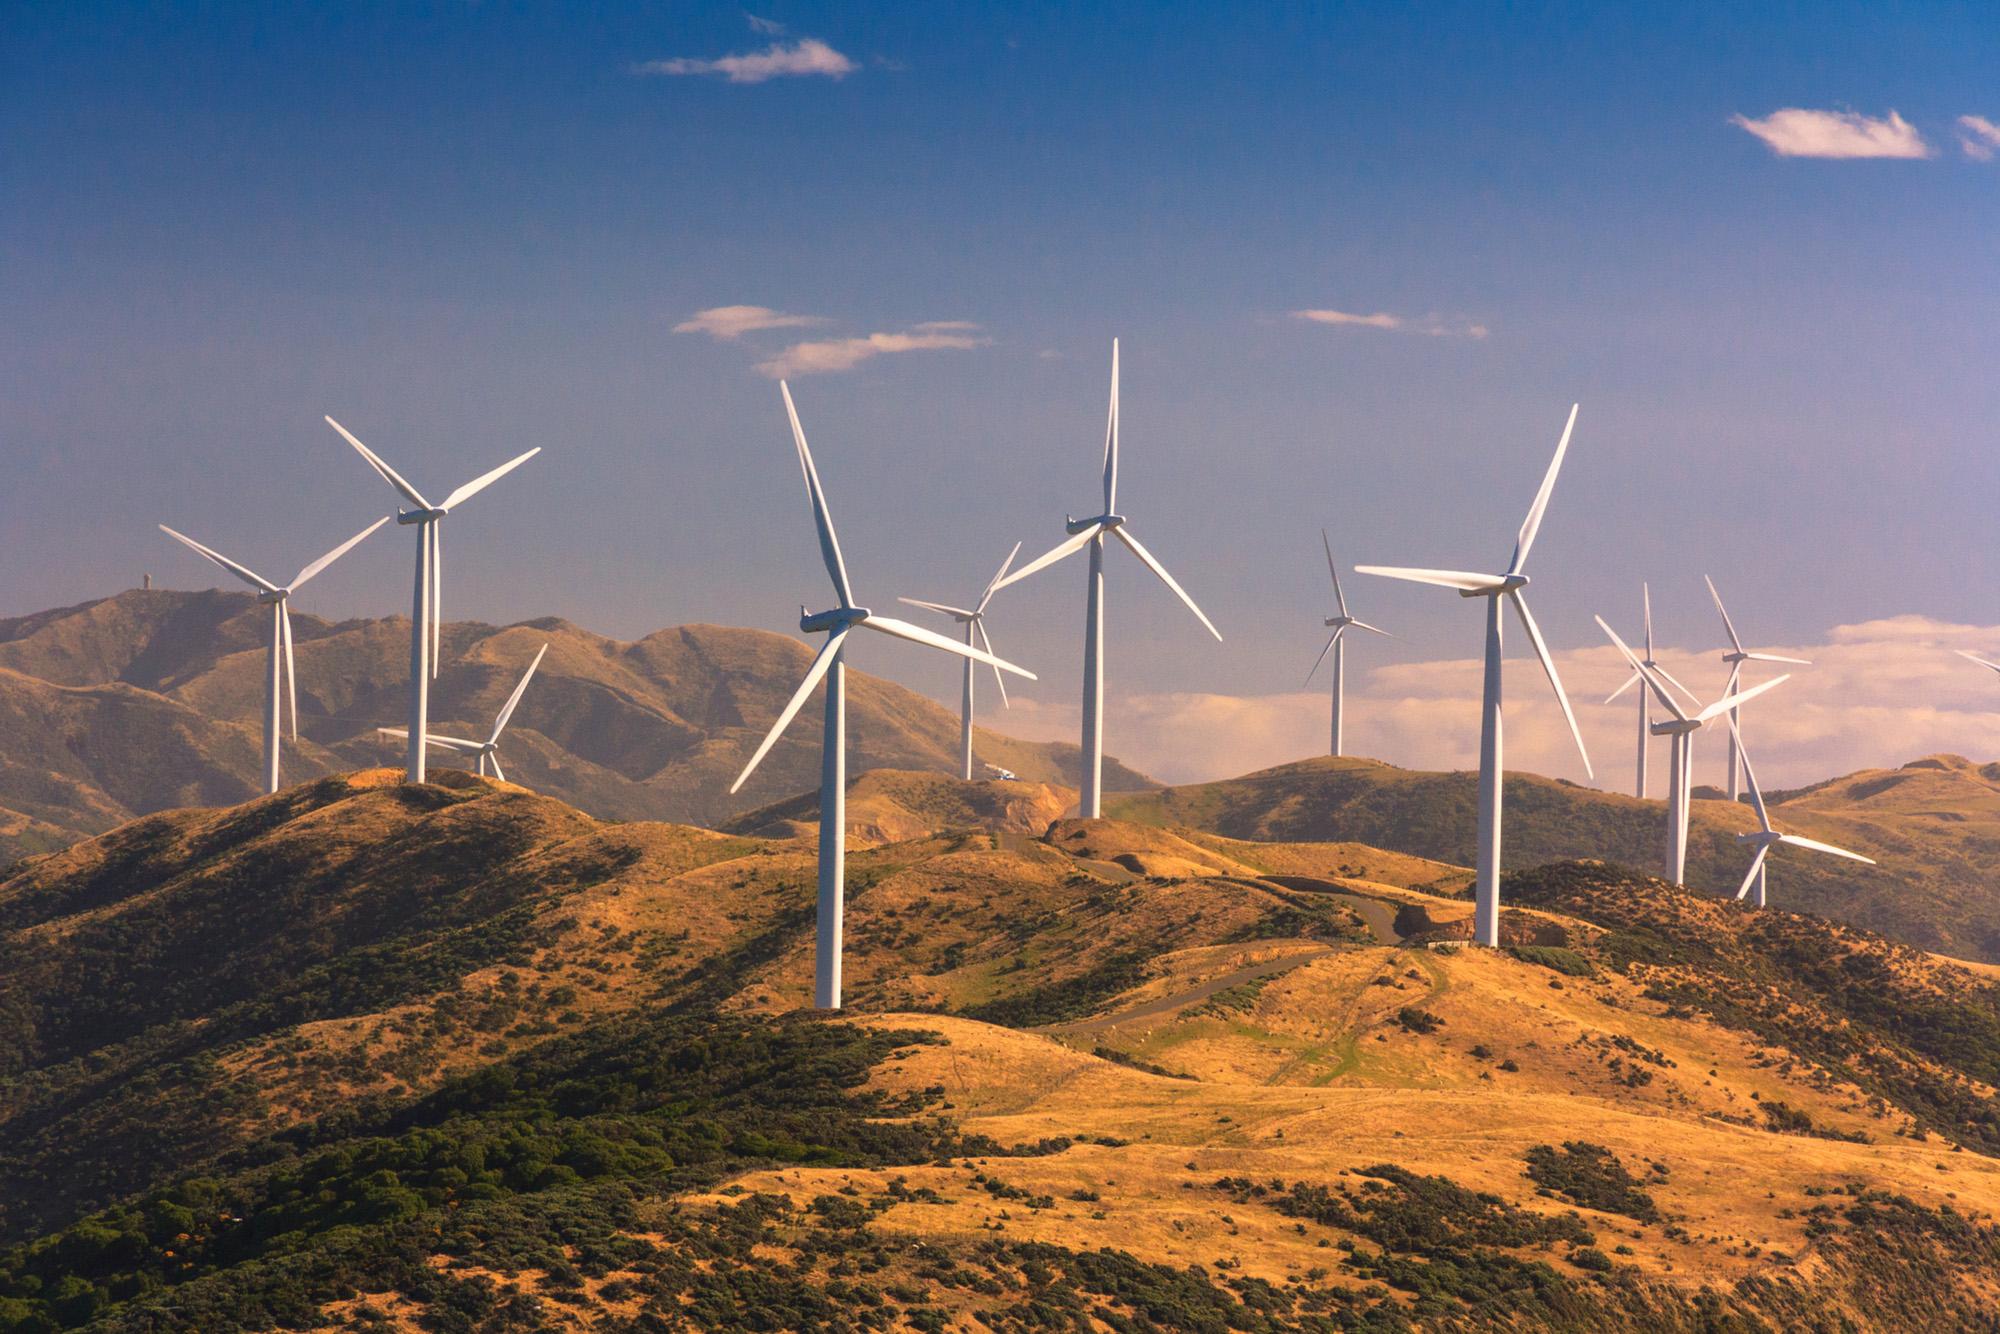 Wind turbines-72 ppi